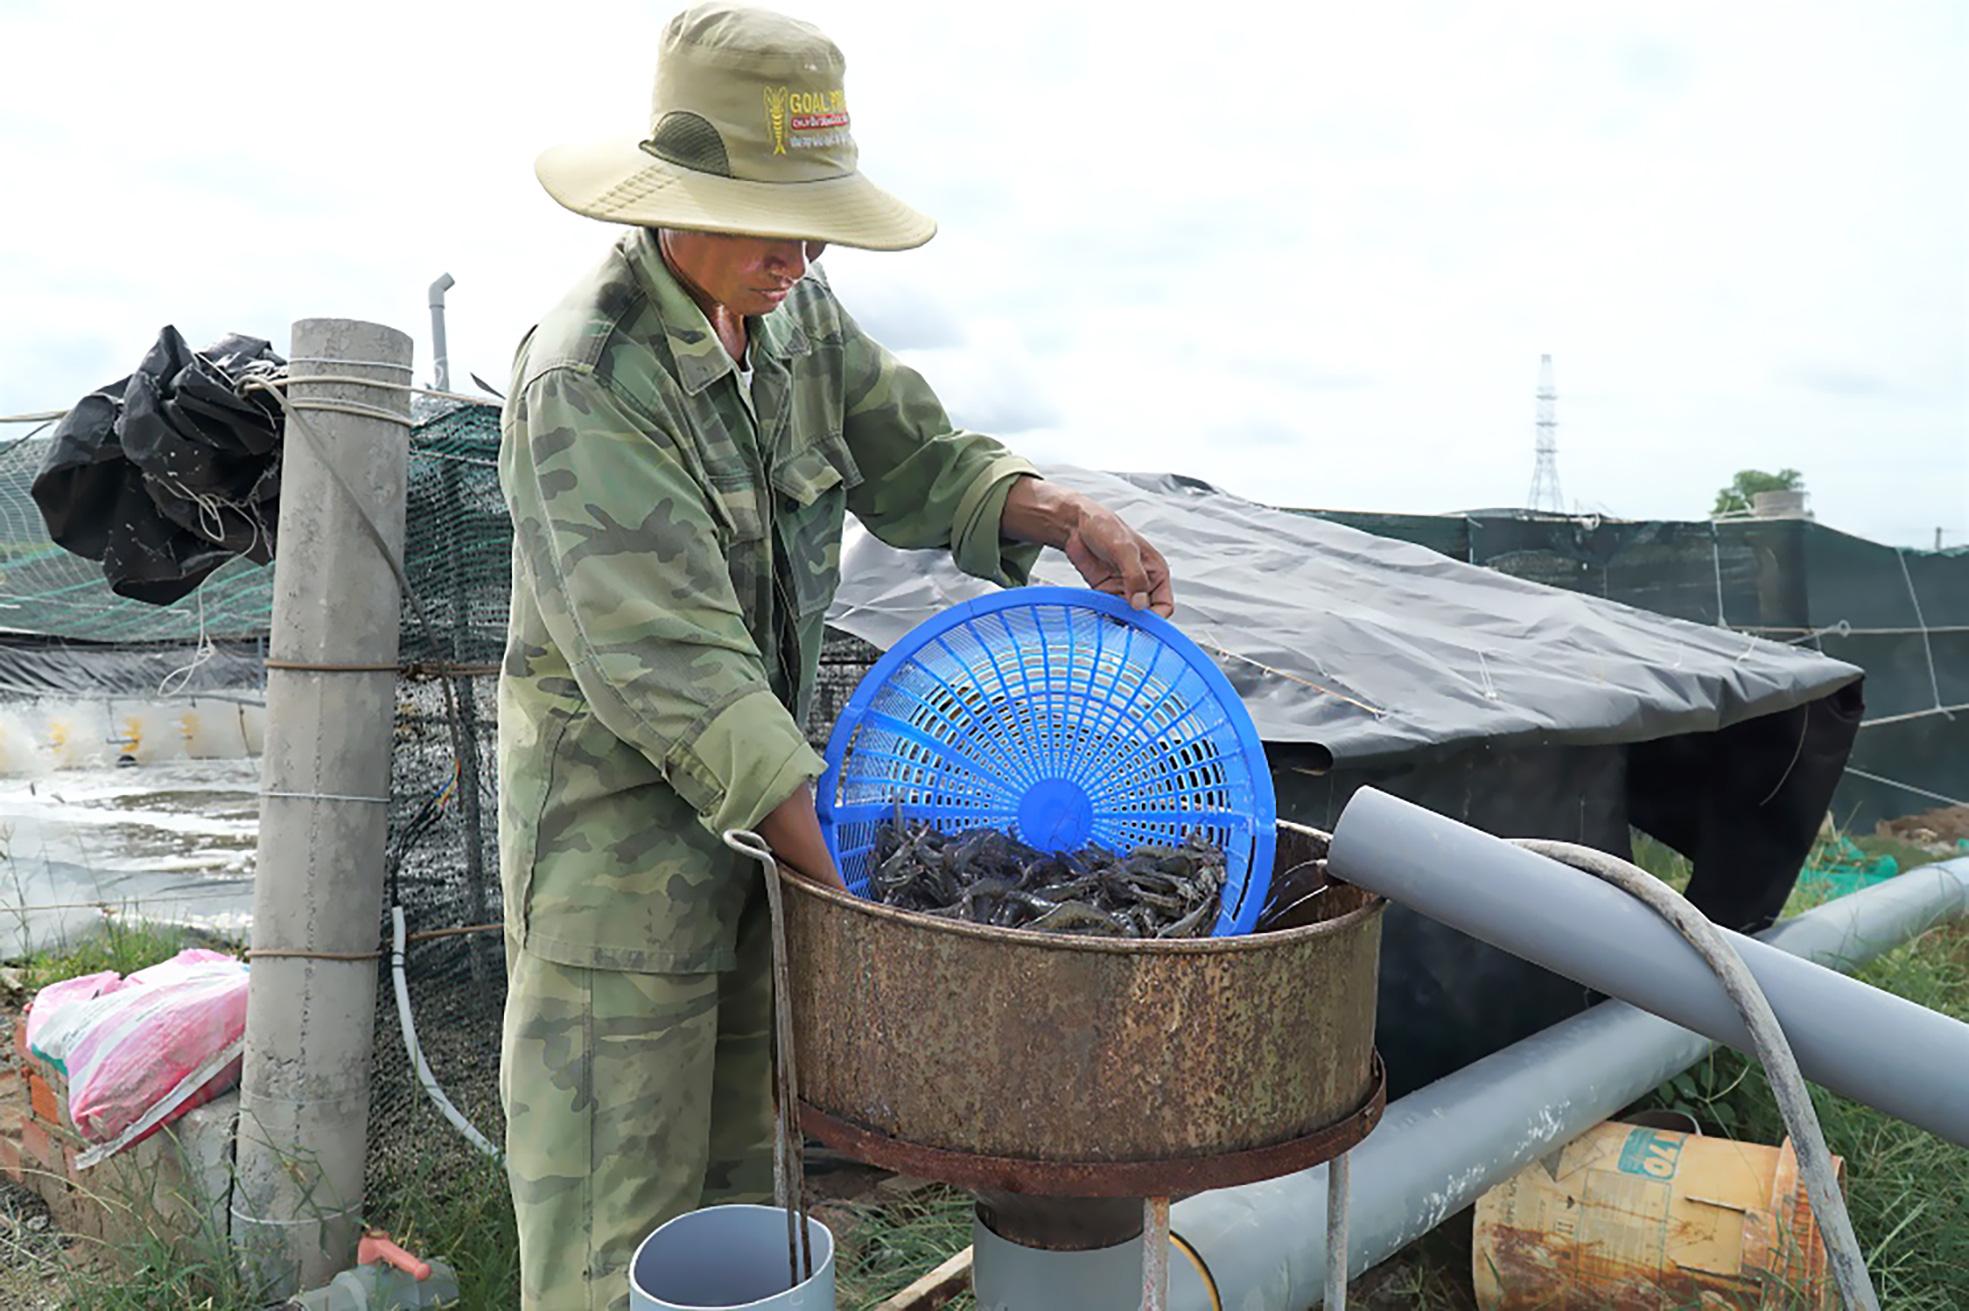 """Tỉnh Bà Rịa-Vũng Tàu: Nông nghiệp """"cất cánh"""" nhờ ứng dụng nông nghiệp công nghệ cao - Ảnh 2."""